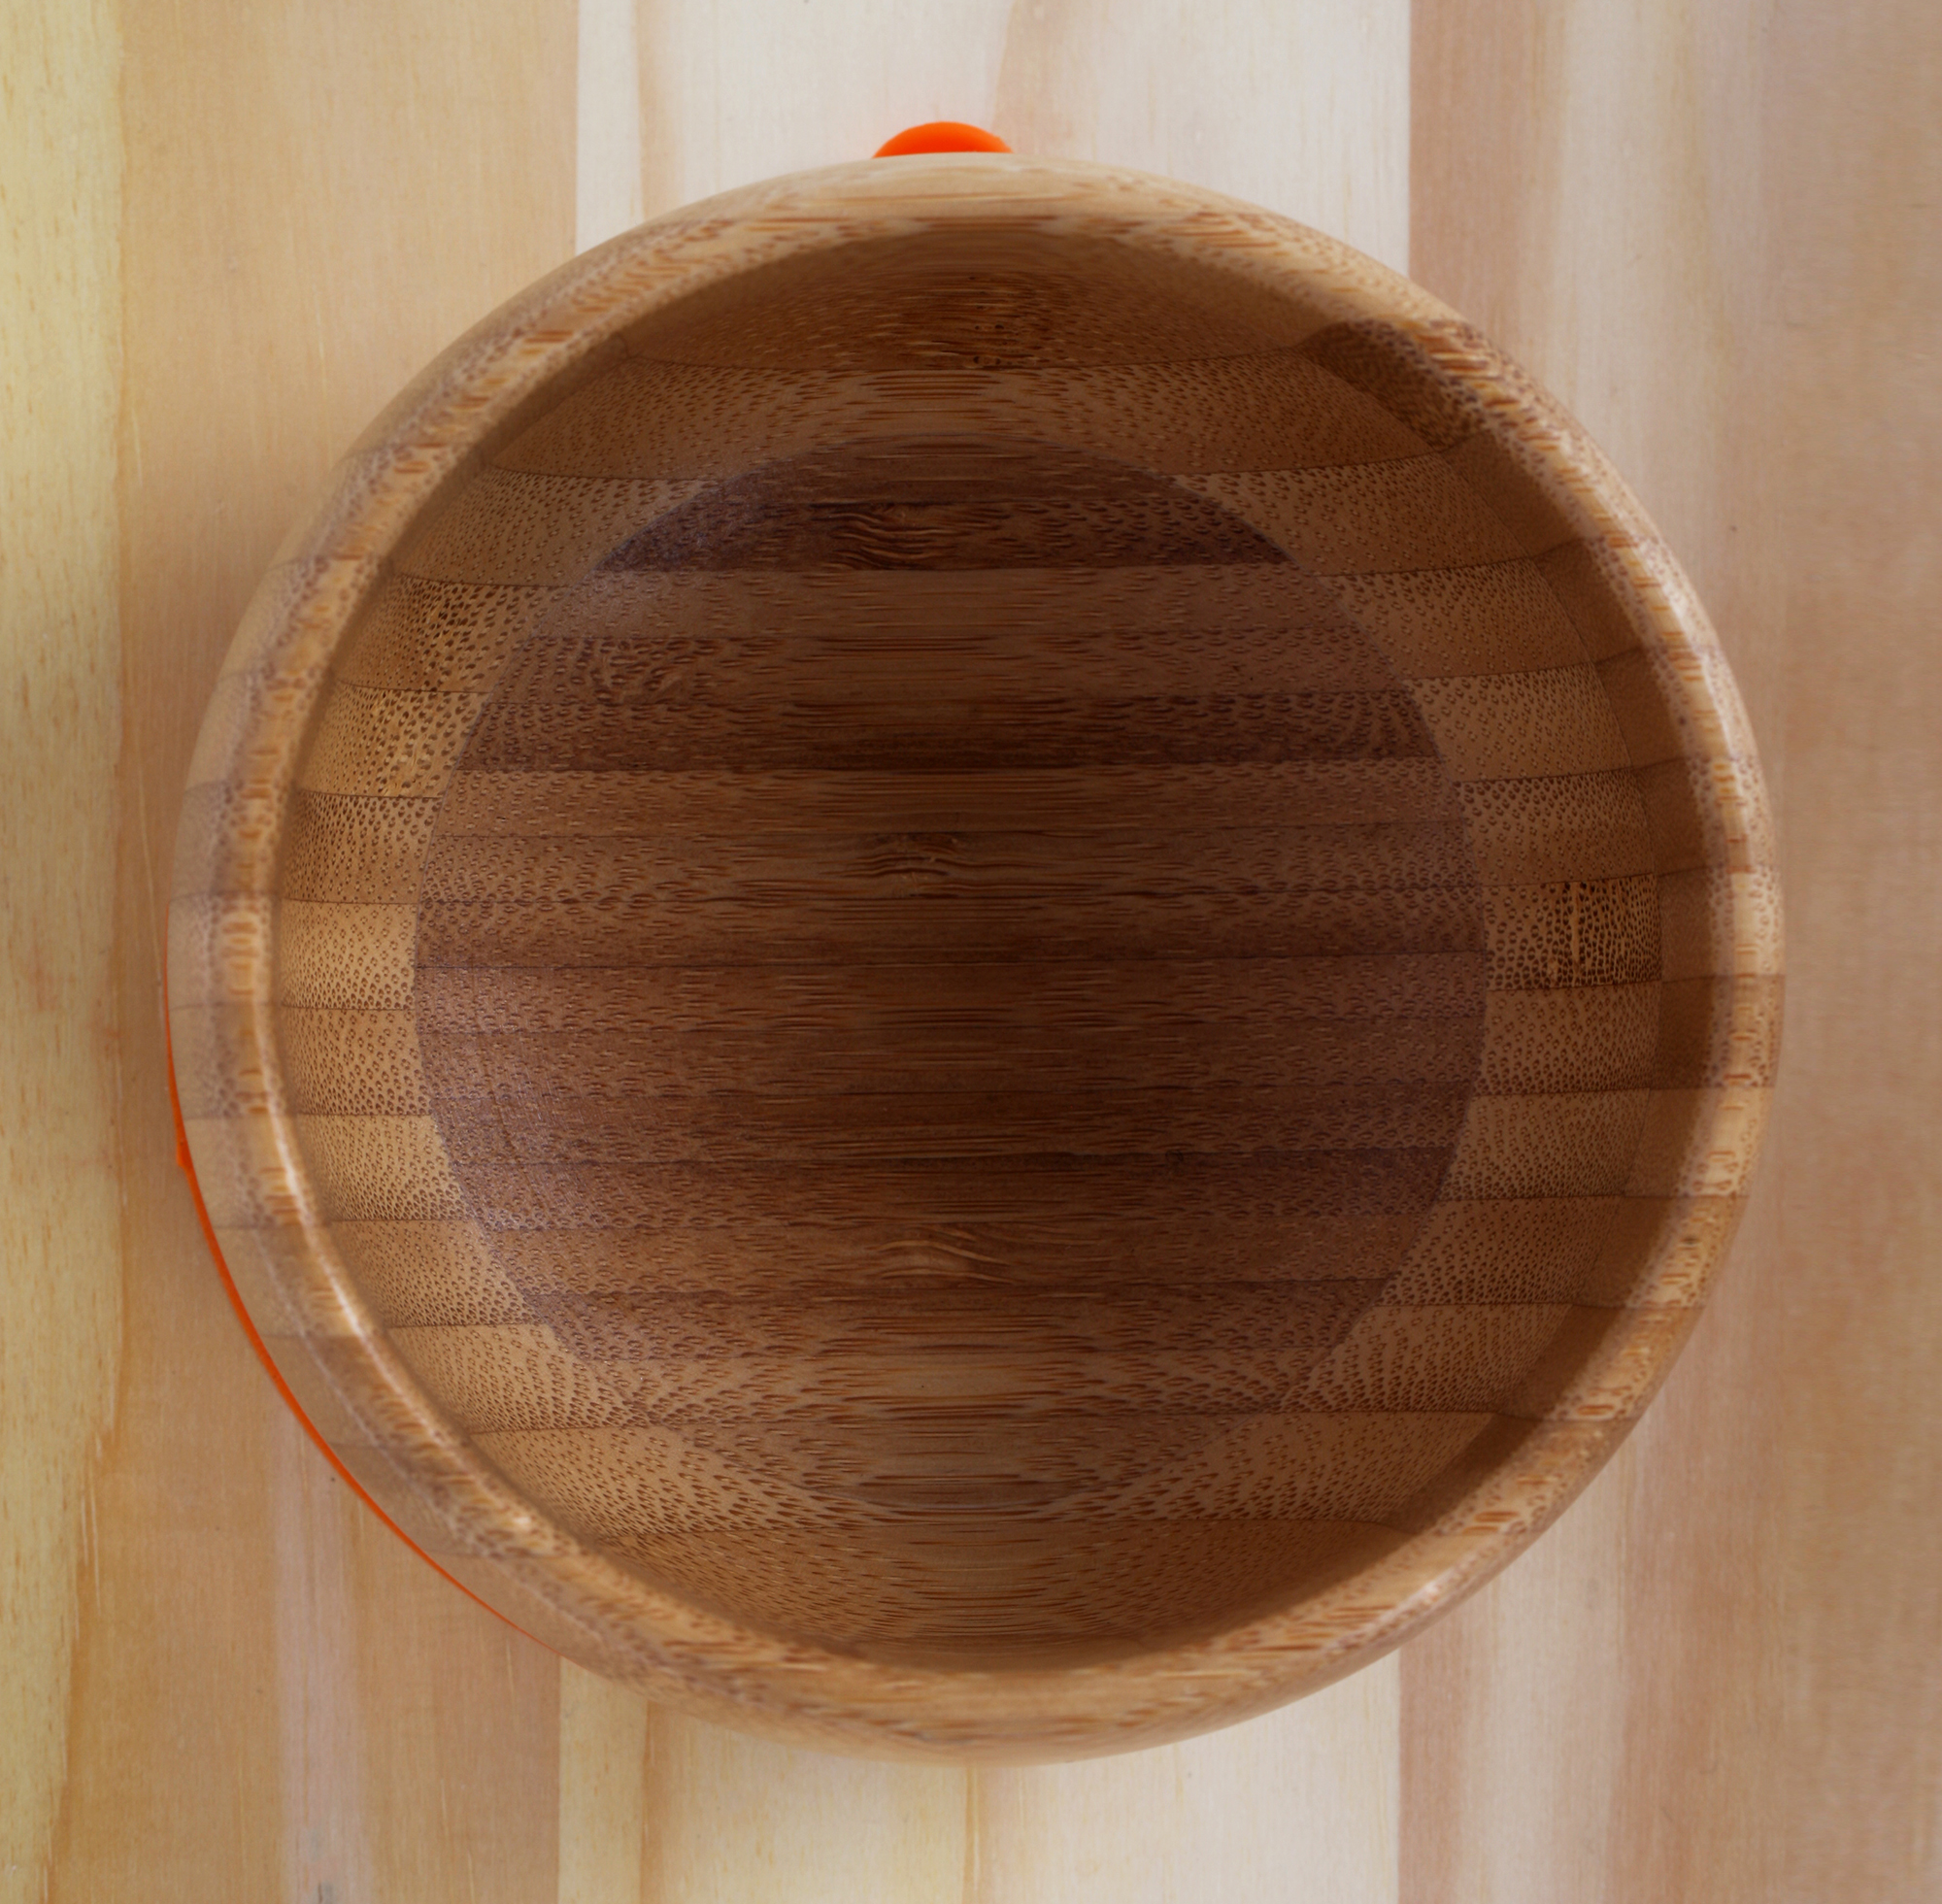 kenley bambus rutschfeste saugnapf sch ssel baby kinder breischalen geschirr set ebay. Black Bedroom Furniture Sets. Home Design Ideas